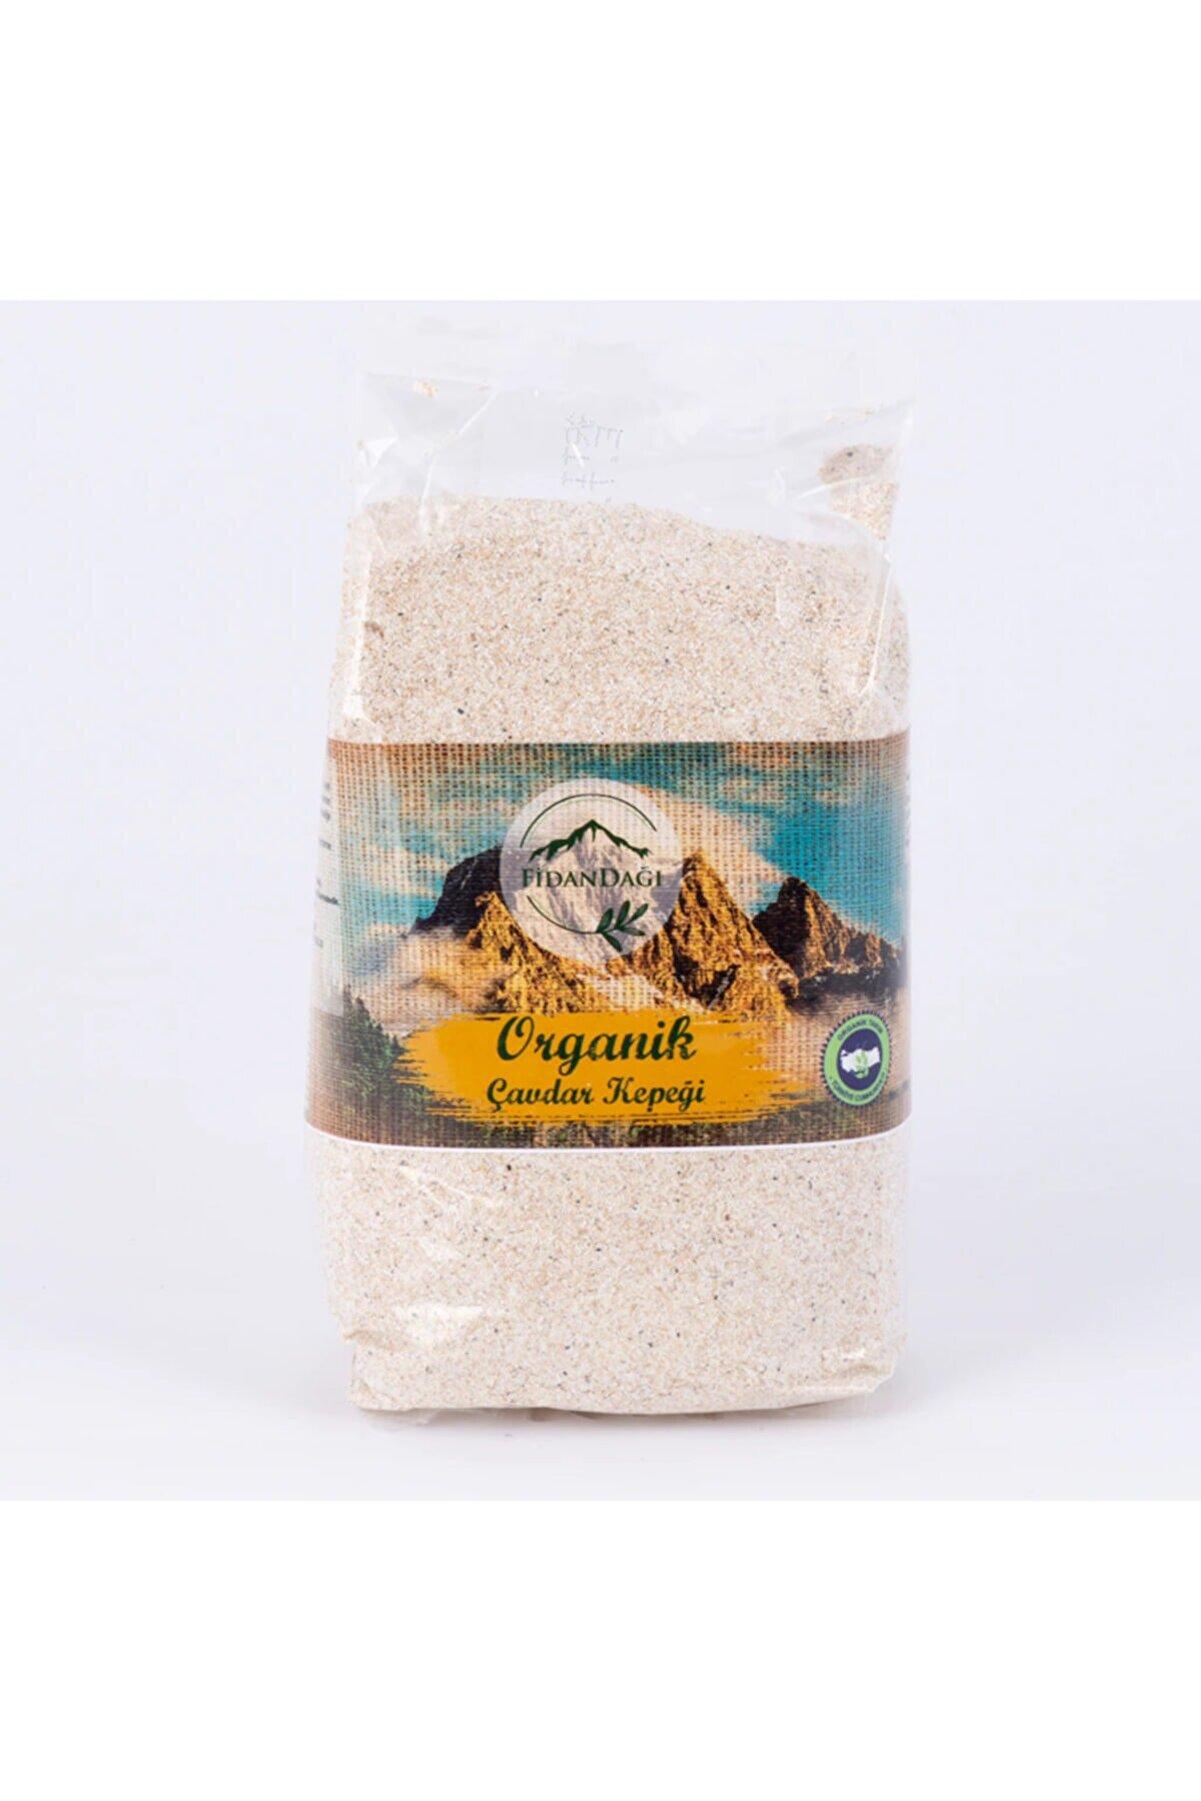 FİDANDAĞI Organik Cavdar Kepegi 500 gr